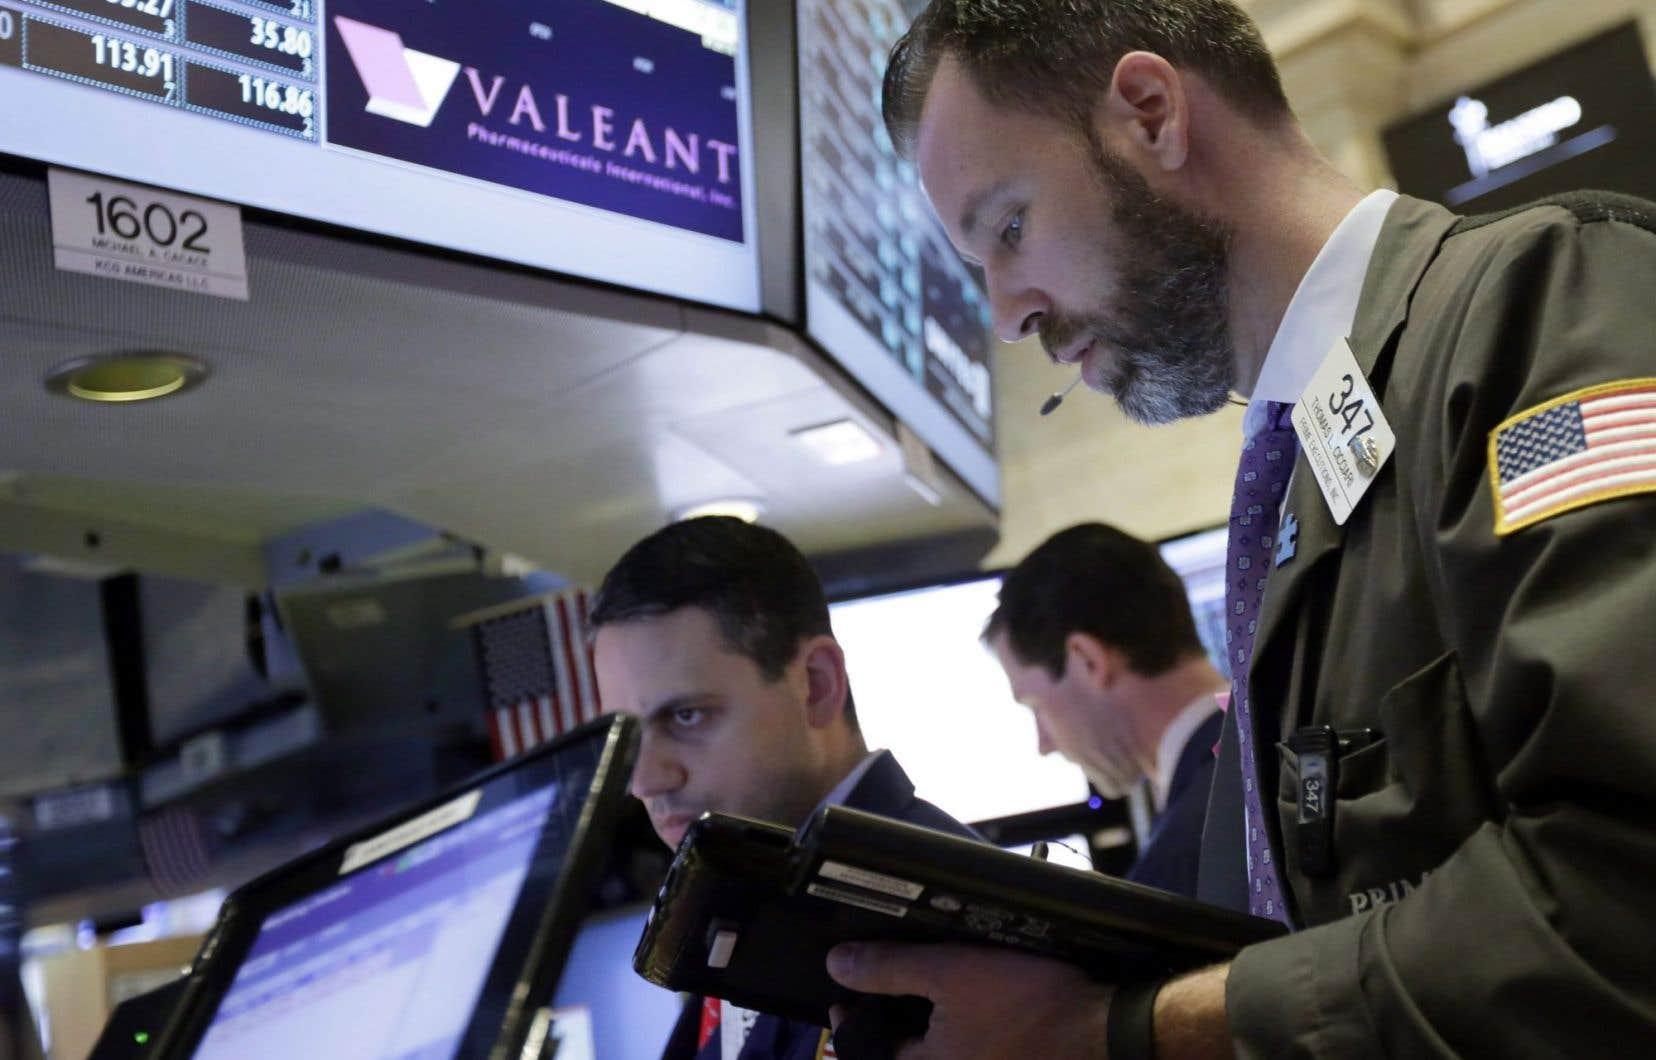 Valeant a brièvement été la plus grande société canadienne au chapitre de la valeur boursière à l'été 2015 avant de voir sa réputation être entachée en raison d'une série de controverses.